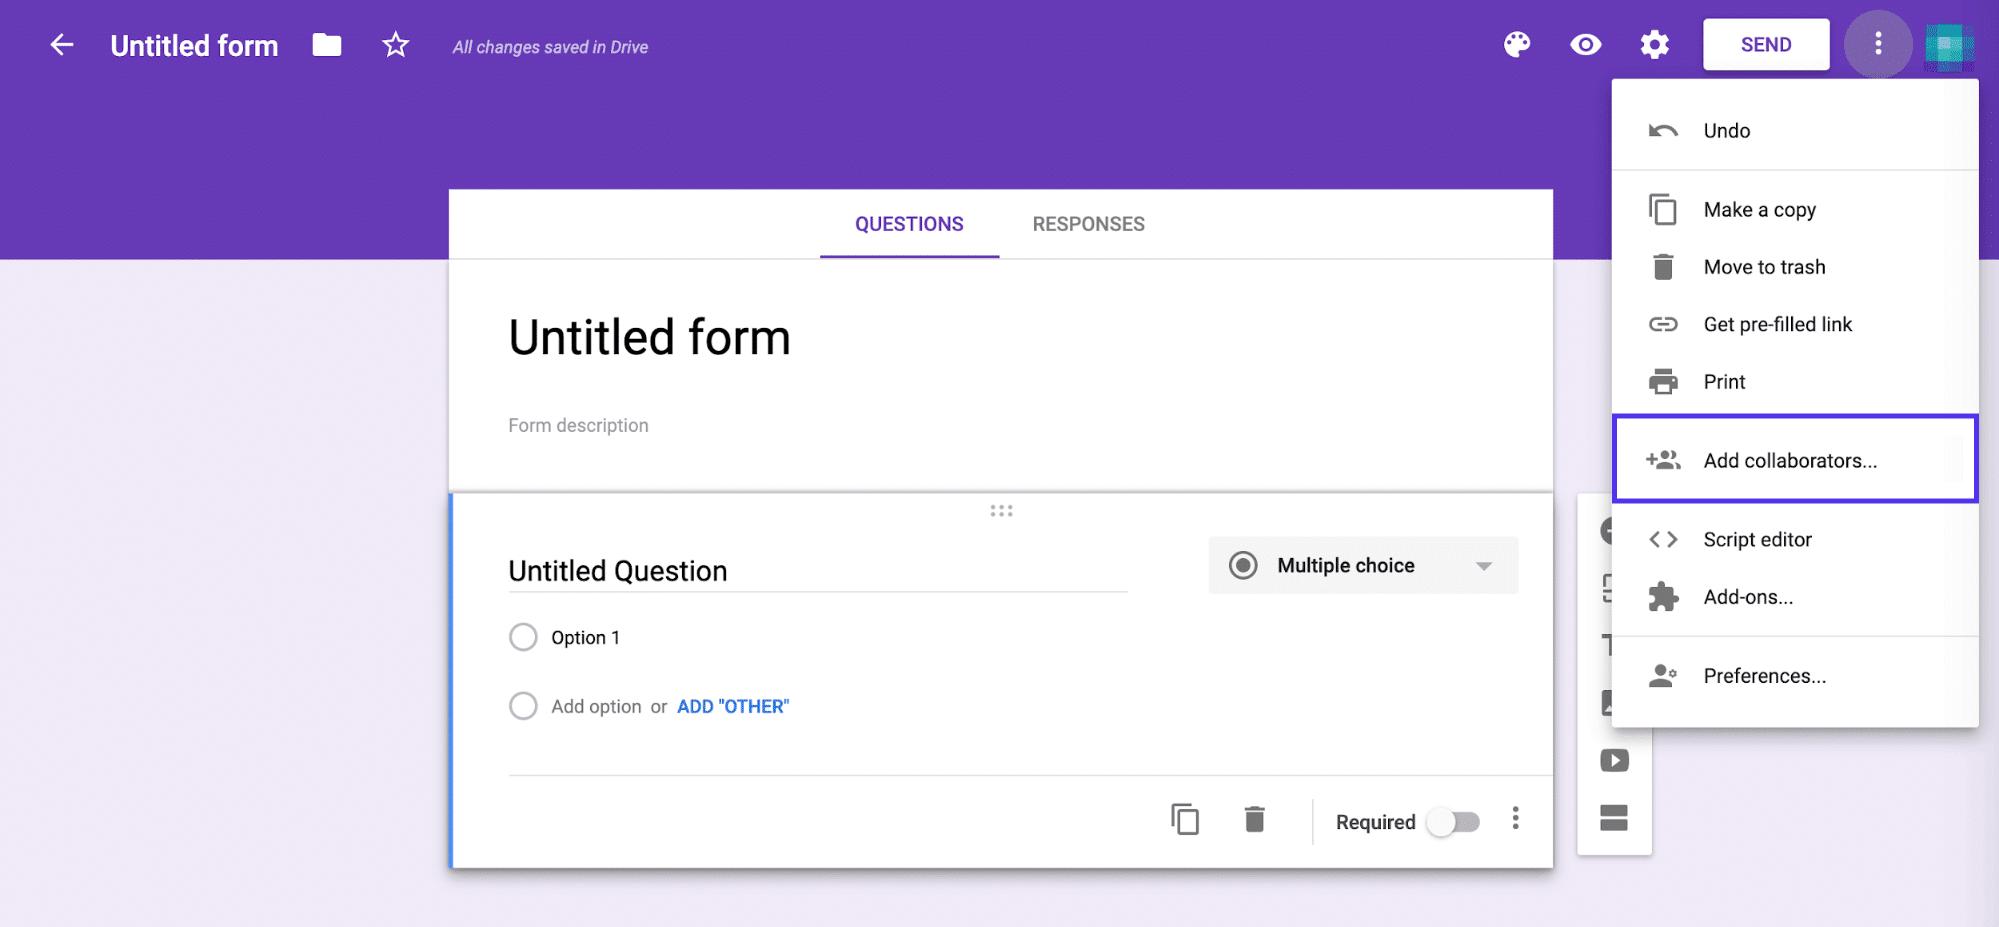 Føj samarbejdspartnere til Google Form